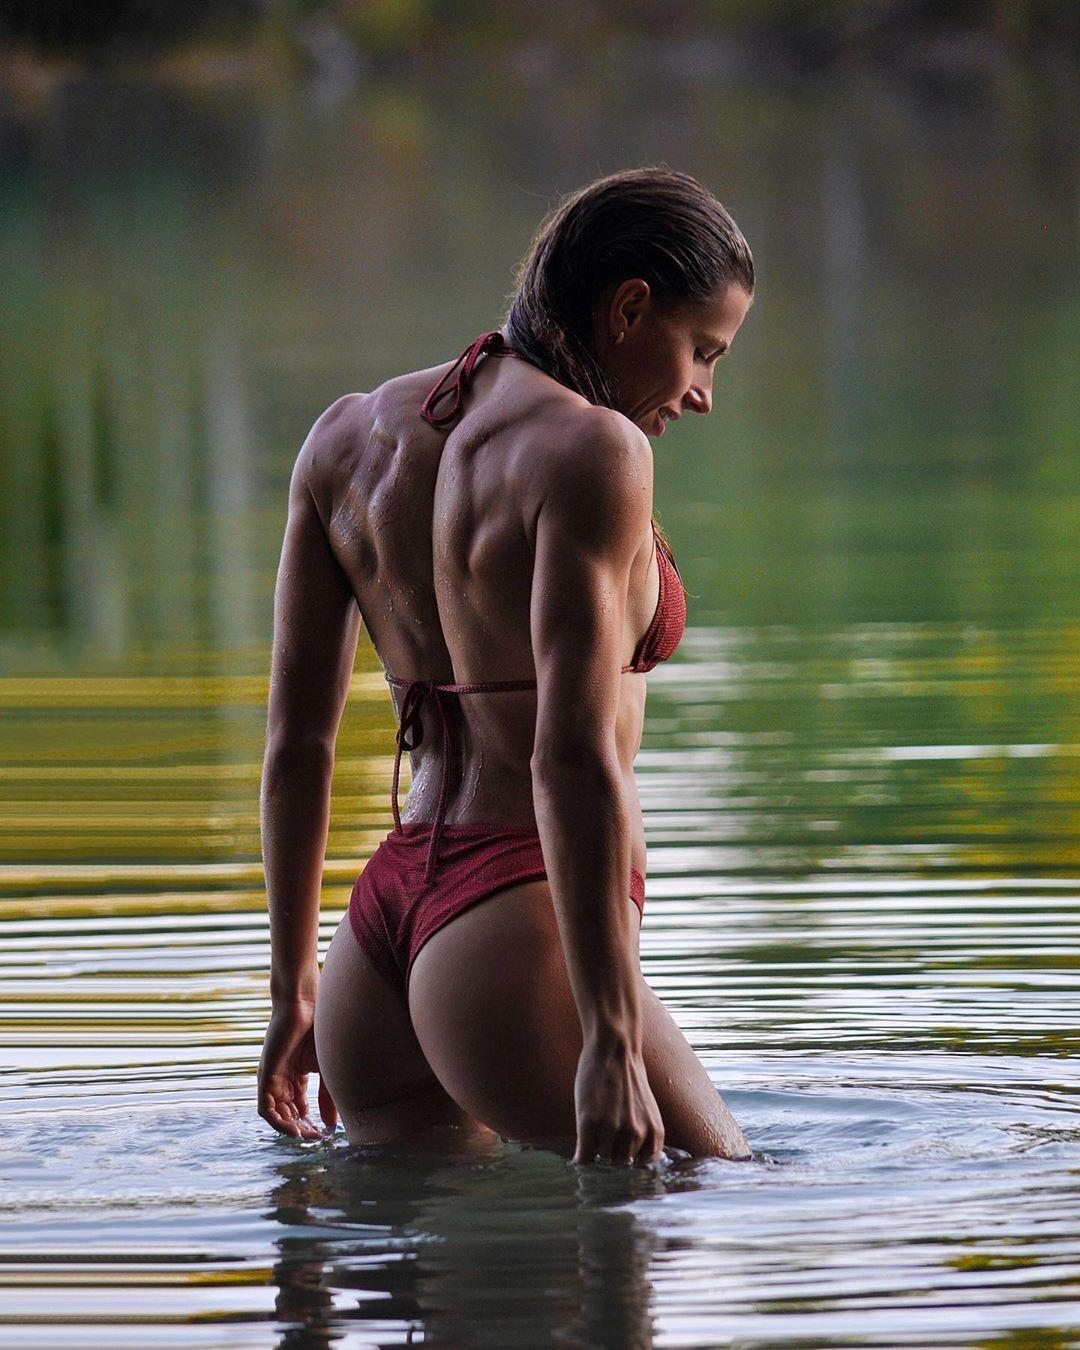 Марина Бех-Романчук похвалилася мускулами спини